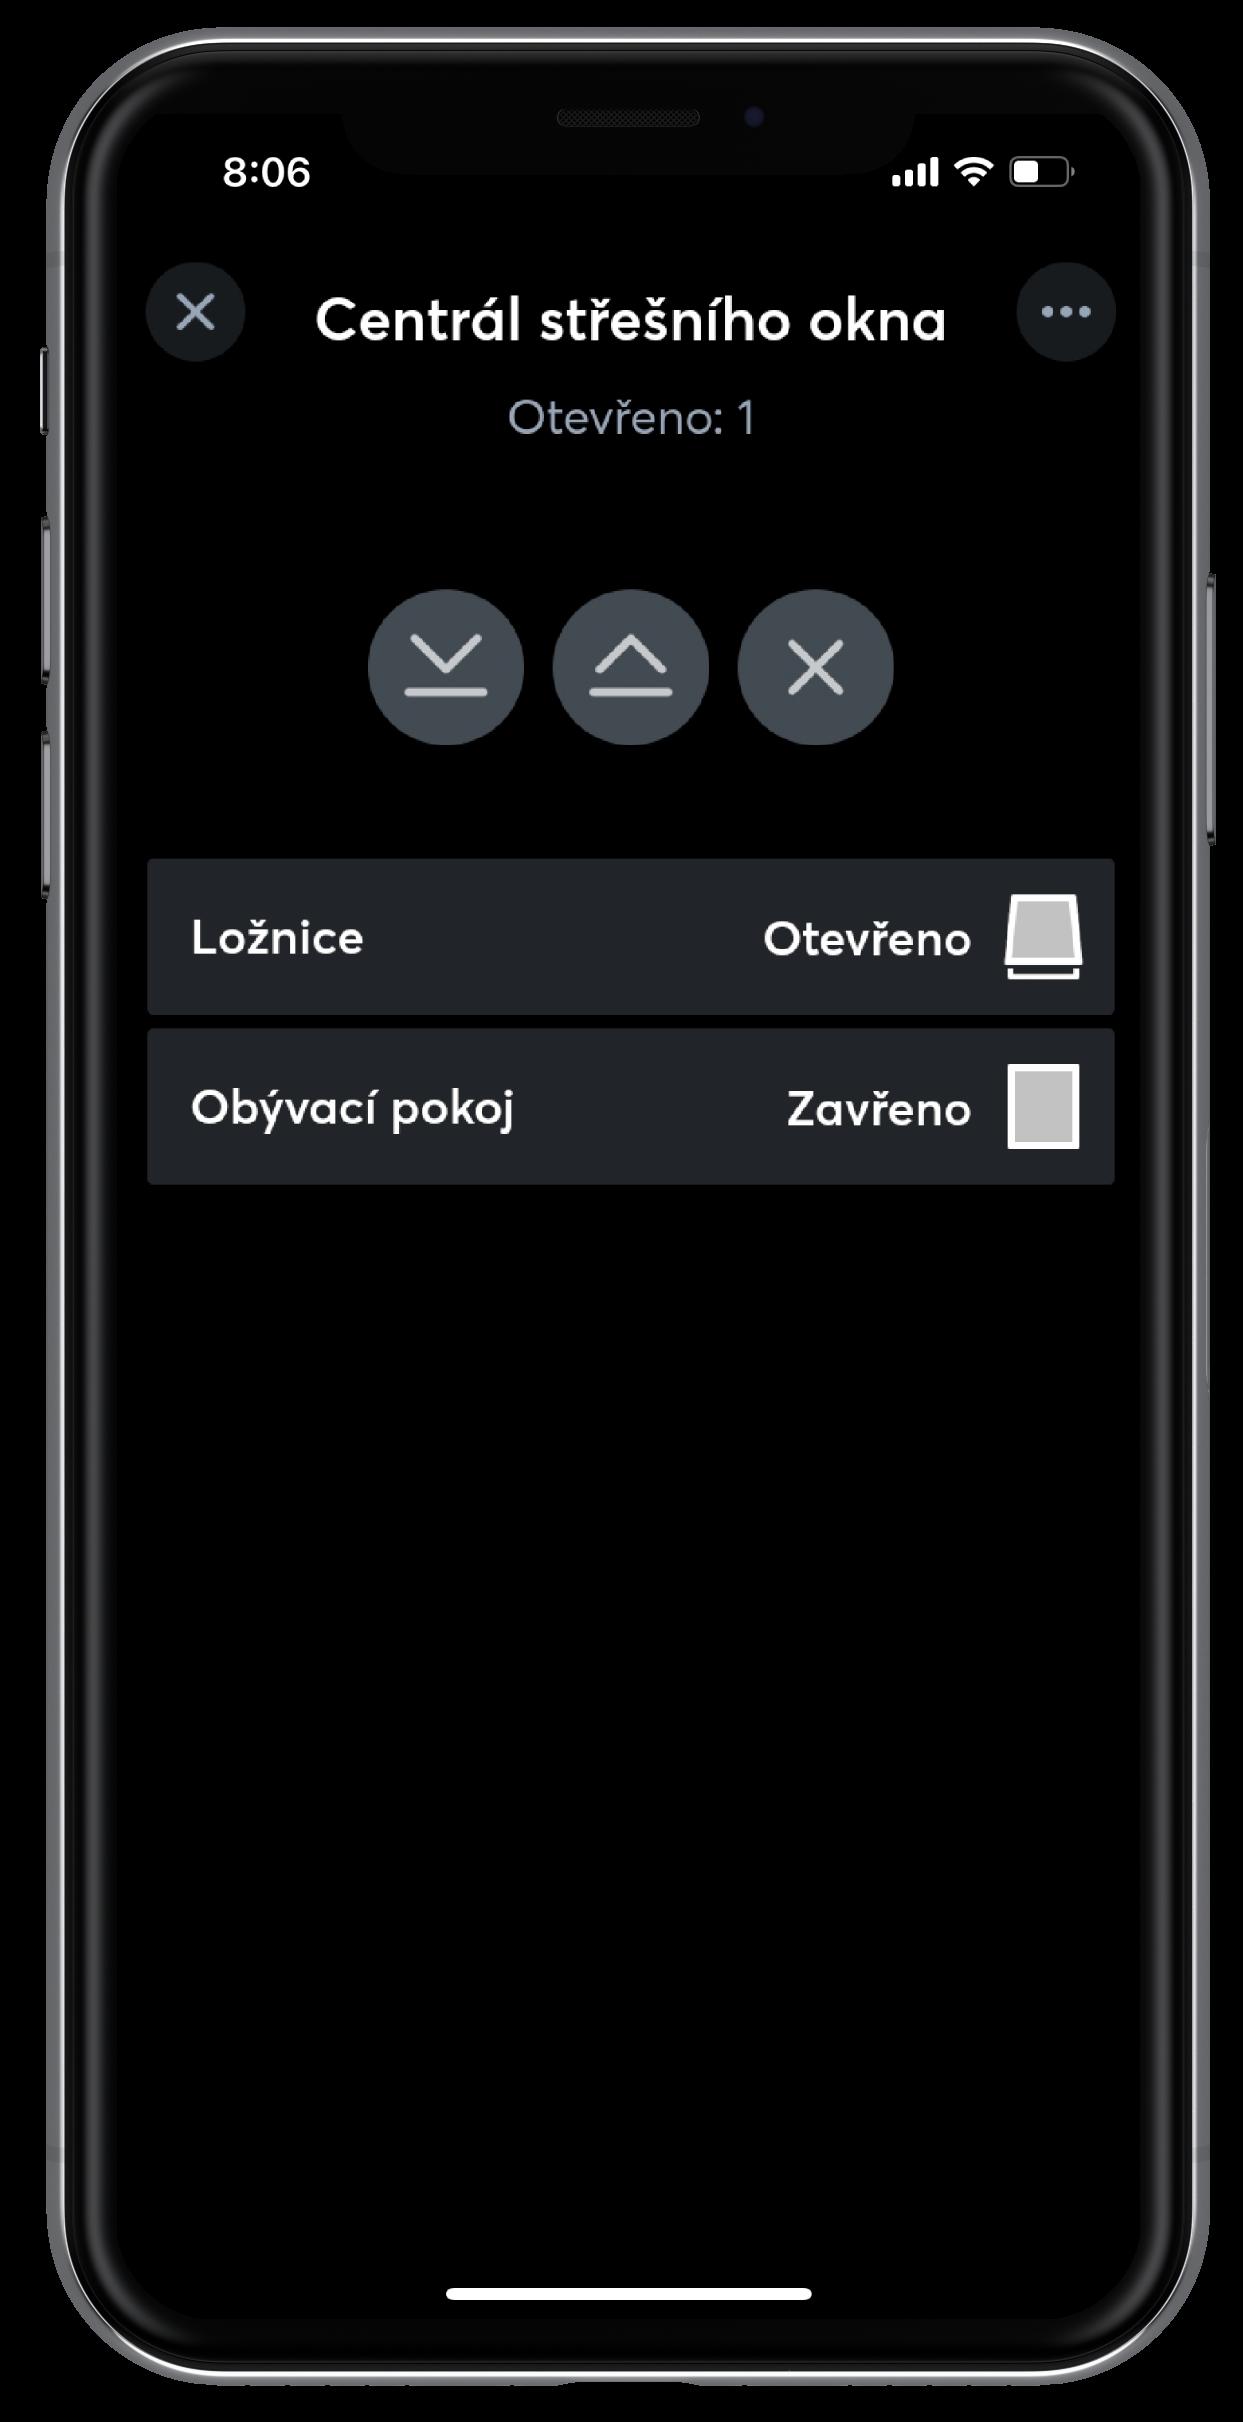 Centrál střešního okna v app